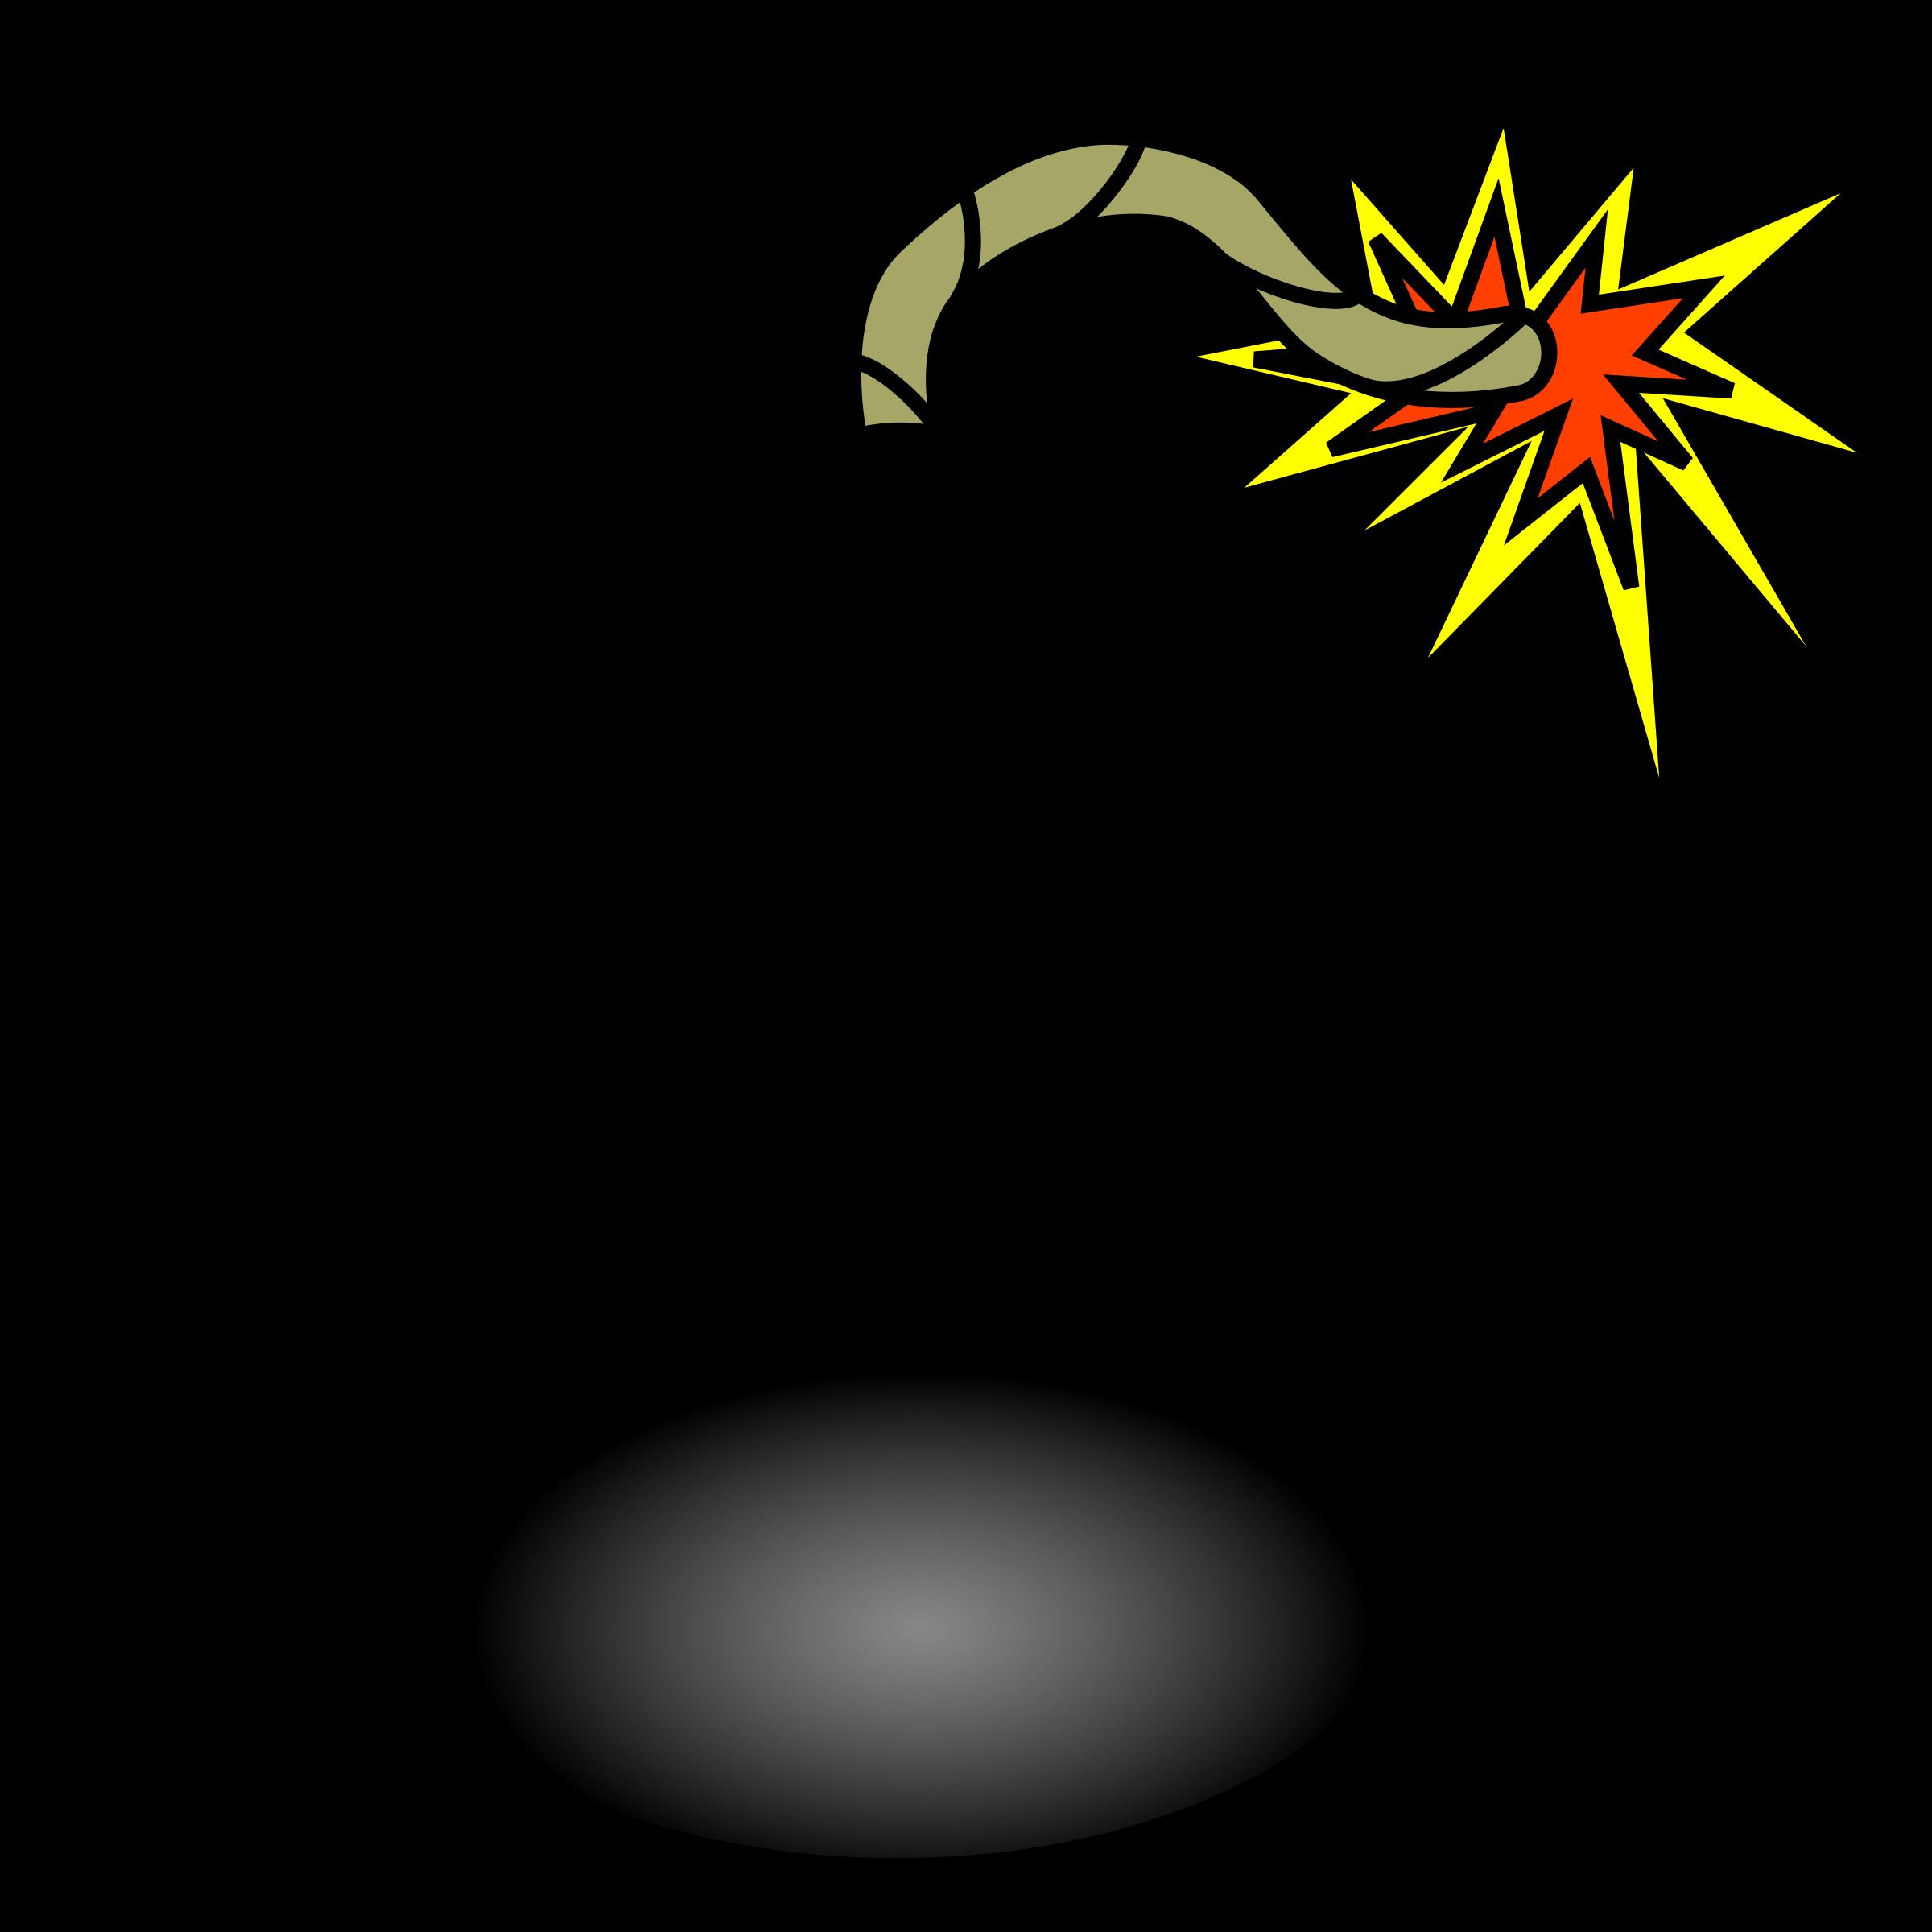 155 Bomb Clipart.